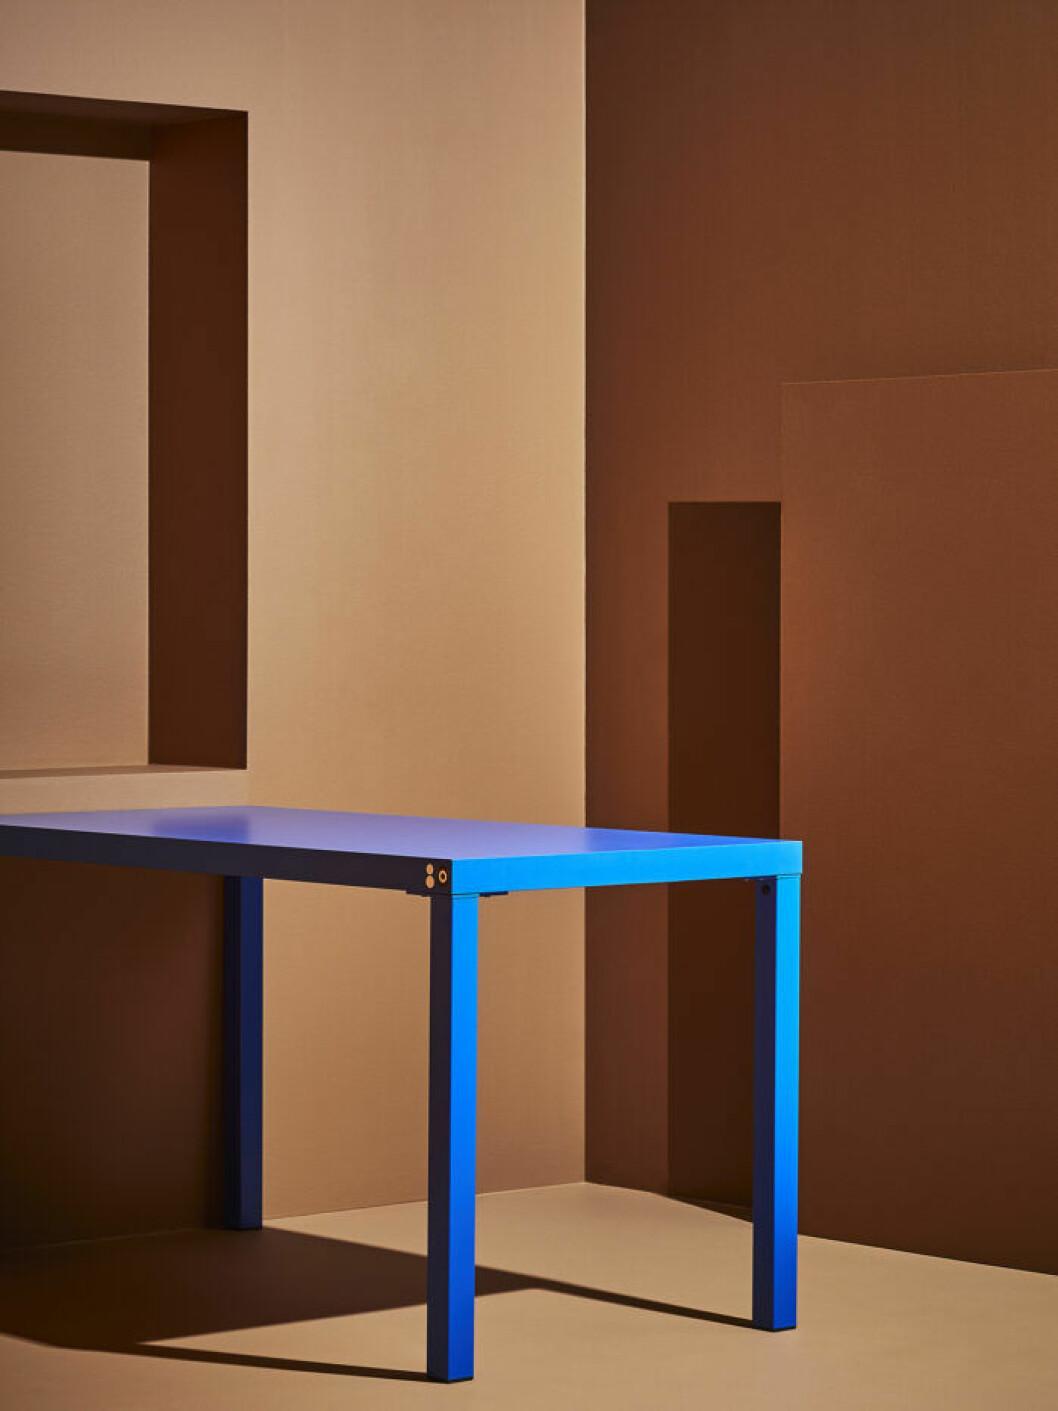 Bord i design av Craig Redman och Sarah Andelman för Ikea Förnyad.